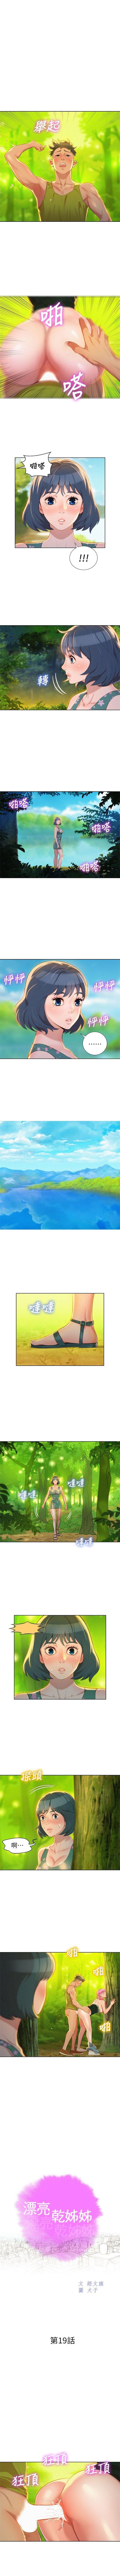 (周7)漂亮干姐姐  1-81 中文翻译 (更新中) 97